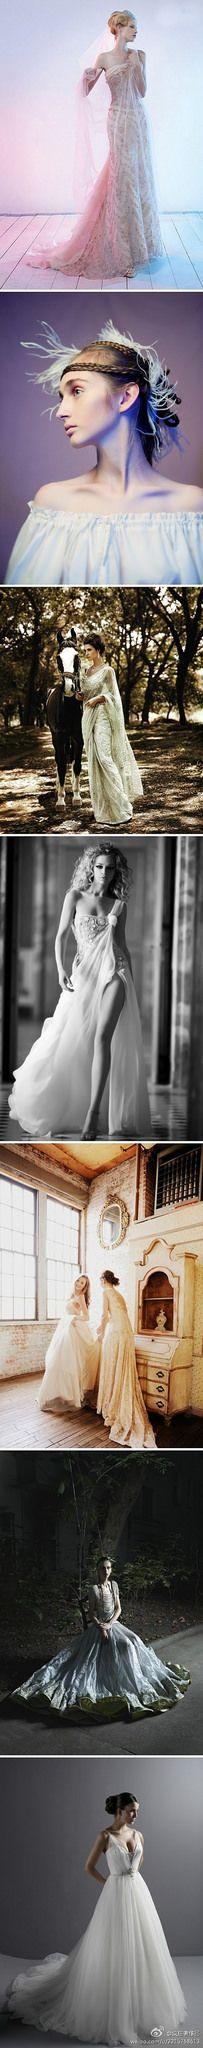 https://flic.kr/p/ARKqFA   Trouwjurken   Bekijk onze ruime collectie trouwjurken. De meeste en mooiste betaalbare trouwjurken bij de Grootste Bruidszaak van Nederland!   www.popo-shoes.nl